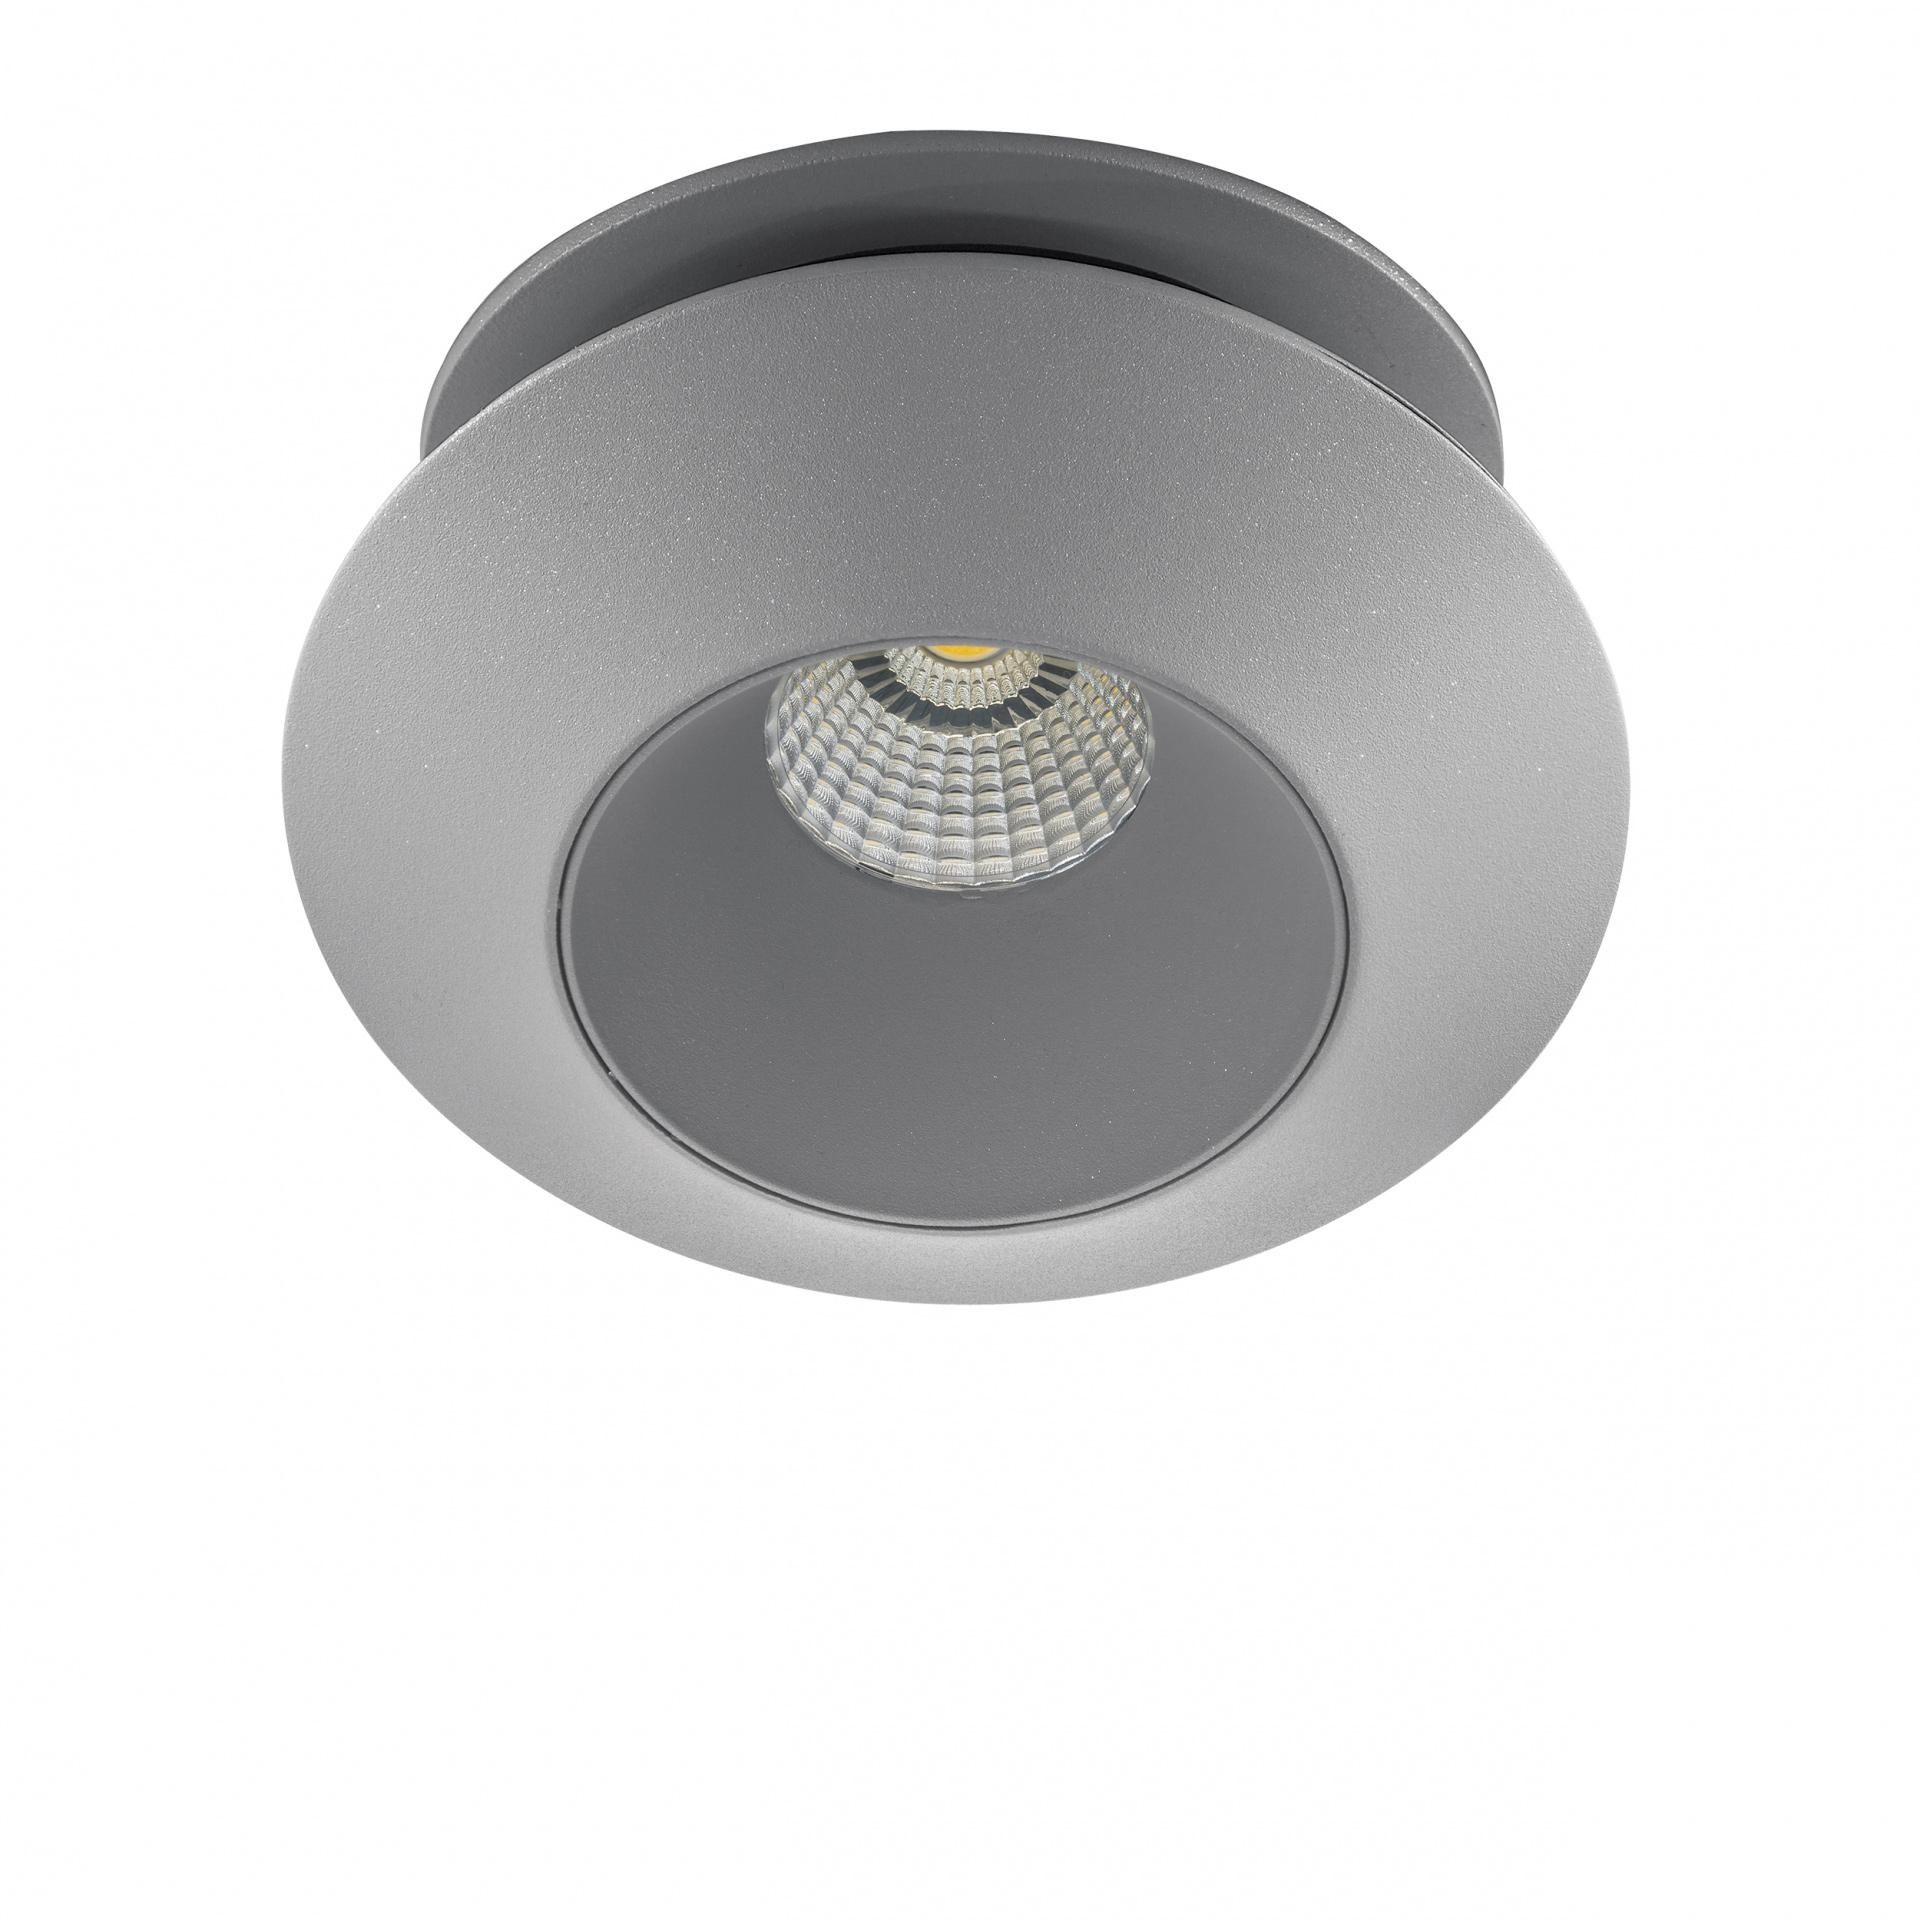 Светильник Orbe LED 15W 1240LM 60G серый 4000K Lightstar 051209, купить в СПб, Москве, с доставкой, Санкт-Петербург, интернет-магазин люстр и светильников Starlight, фото в жизни